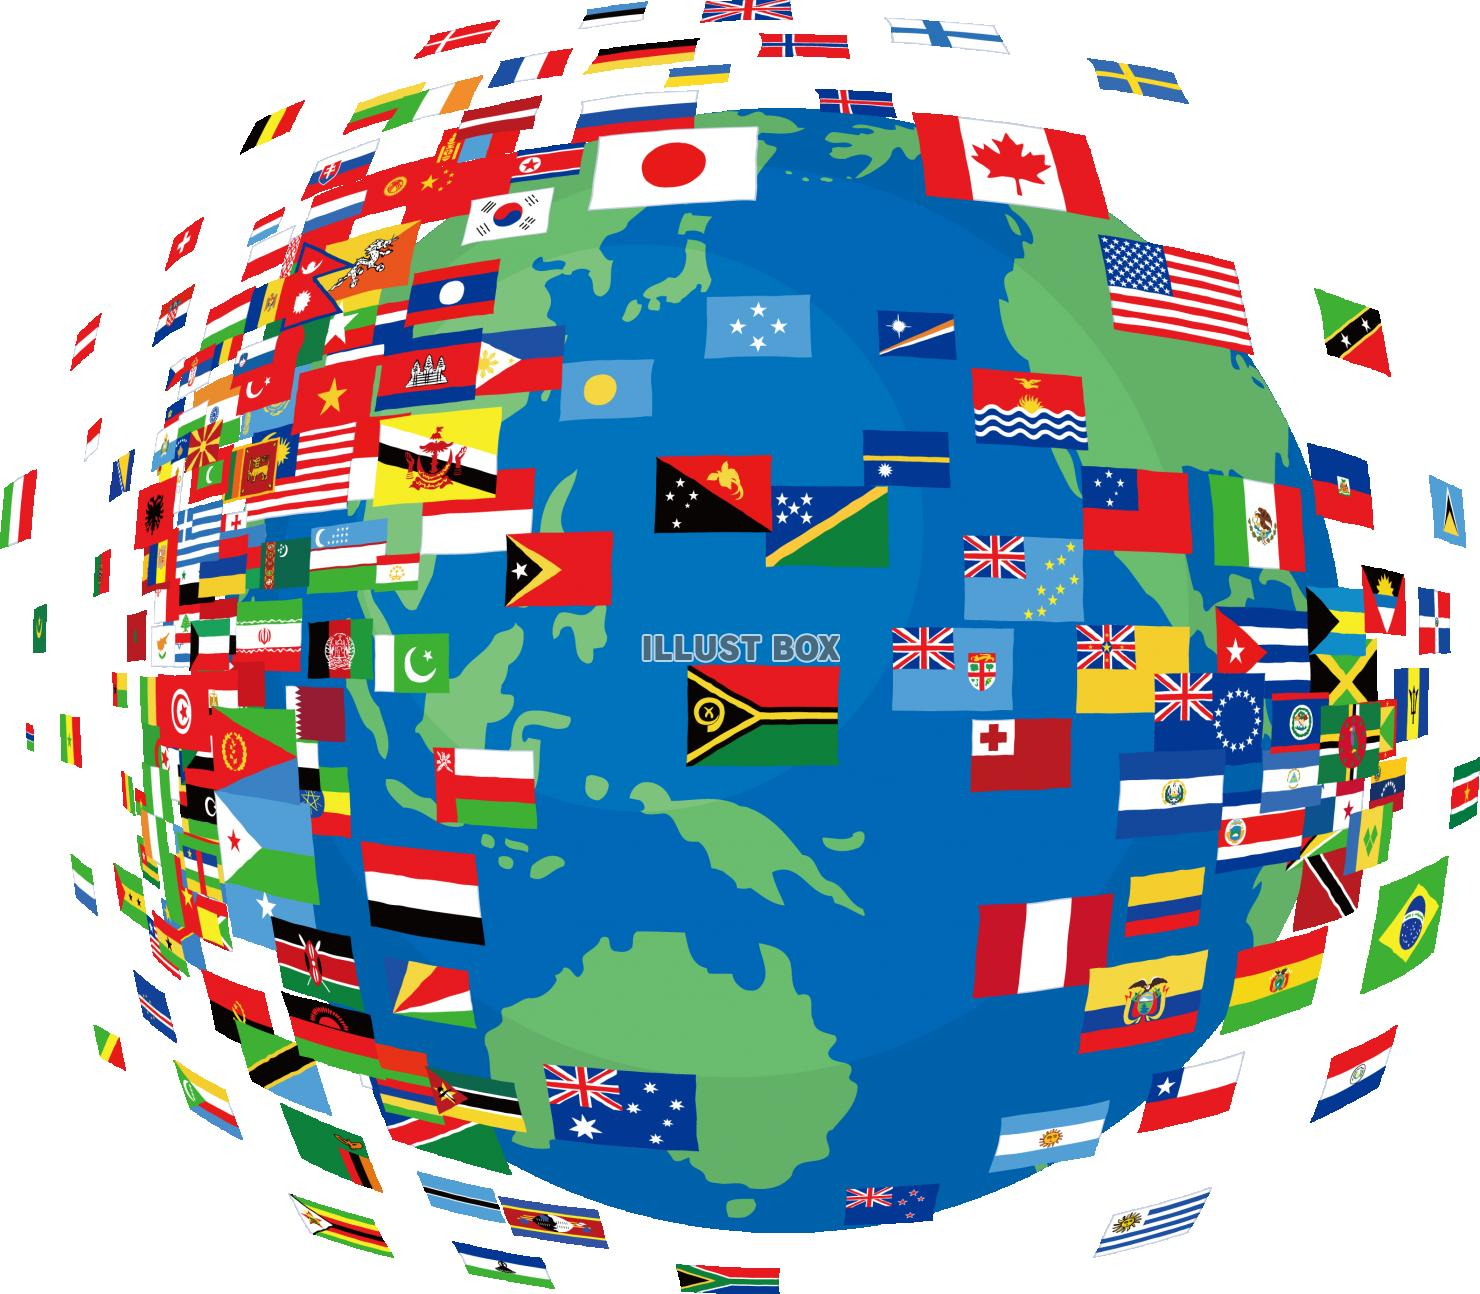 無料イラスト 地球 国旗 グローバル 世界 ワールド